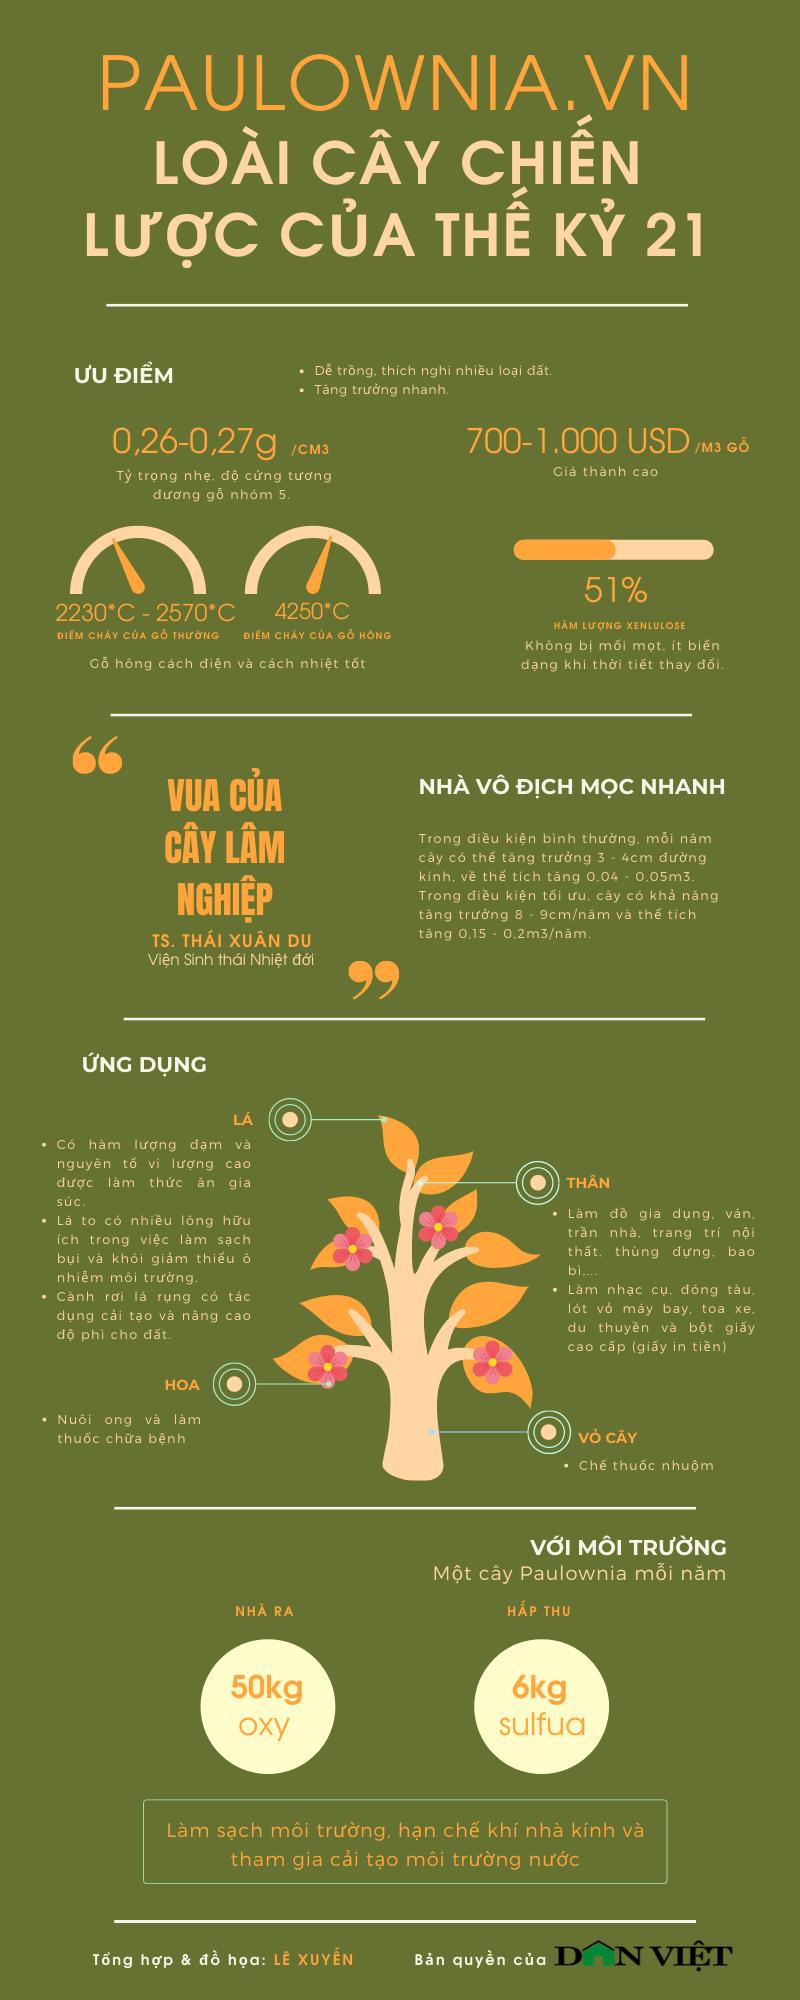 Hà Nội: Nông dân trồng thứ cây gì mà được Cục trồng trọt cấp bằng bảo hộ tới 25 năm, quý hơn gỗ pơ mu? - Ảnh 4.